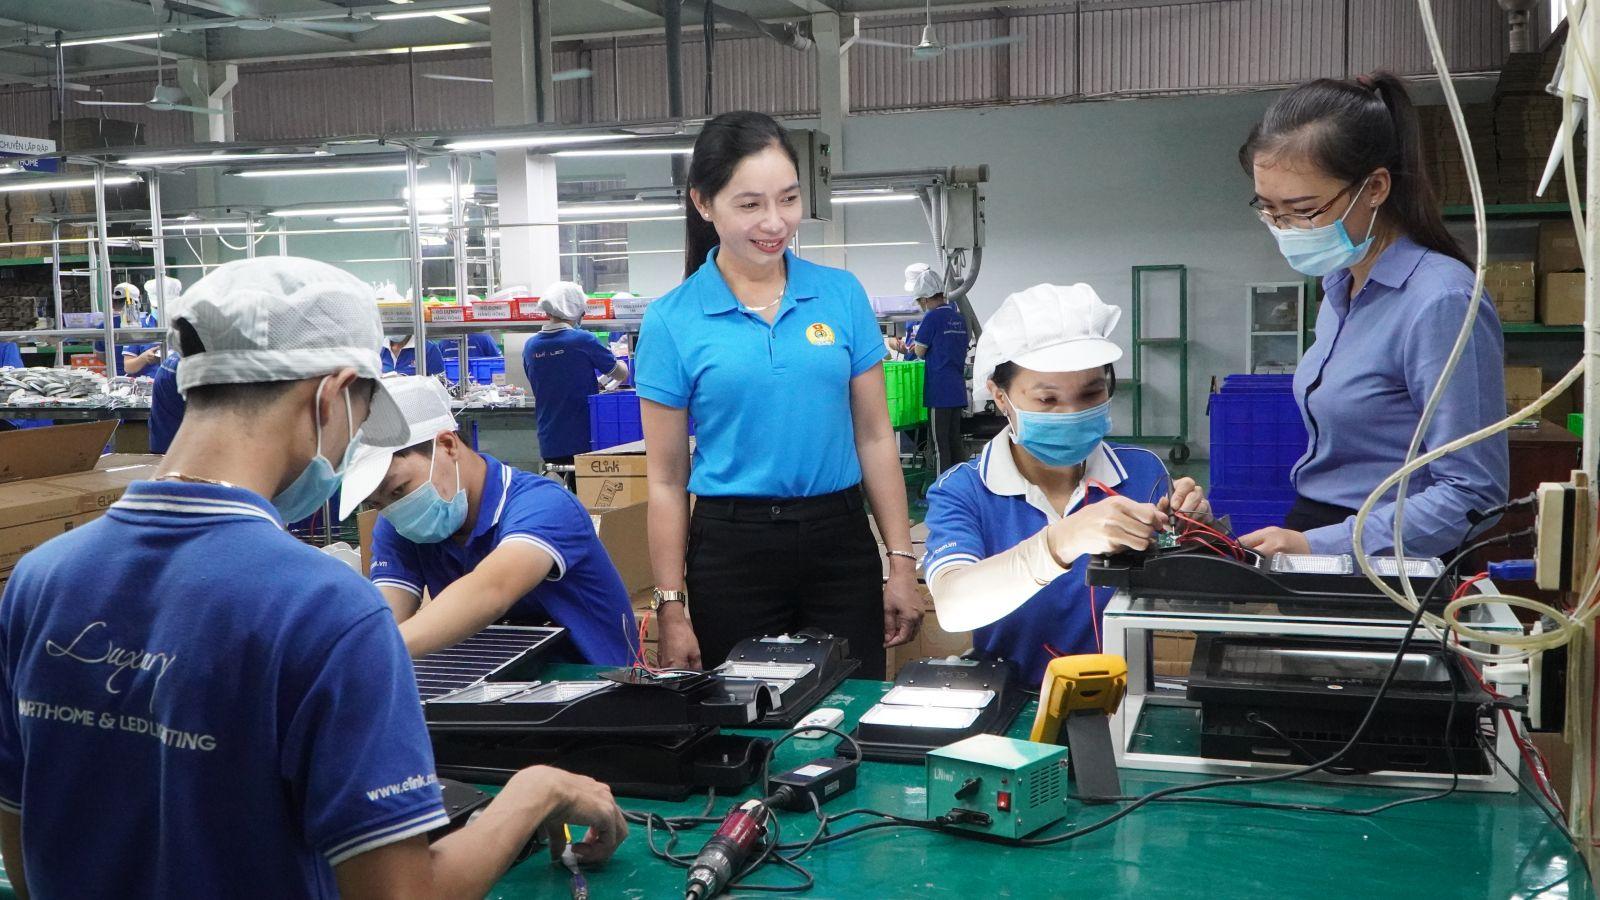 Hoạt động sản xuất, kinh doanh của doanh nghiệp trên địa bàn tỉnh dần được phục hồi và từng bước trở lại sản xuất bình thường